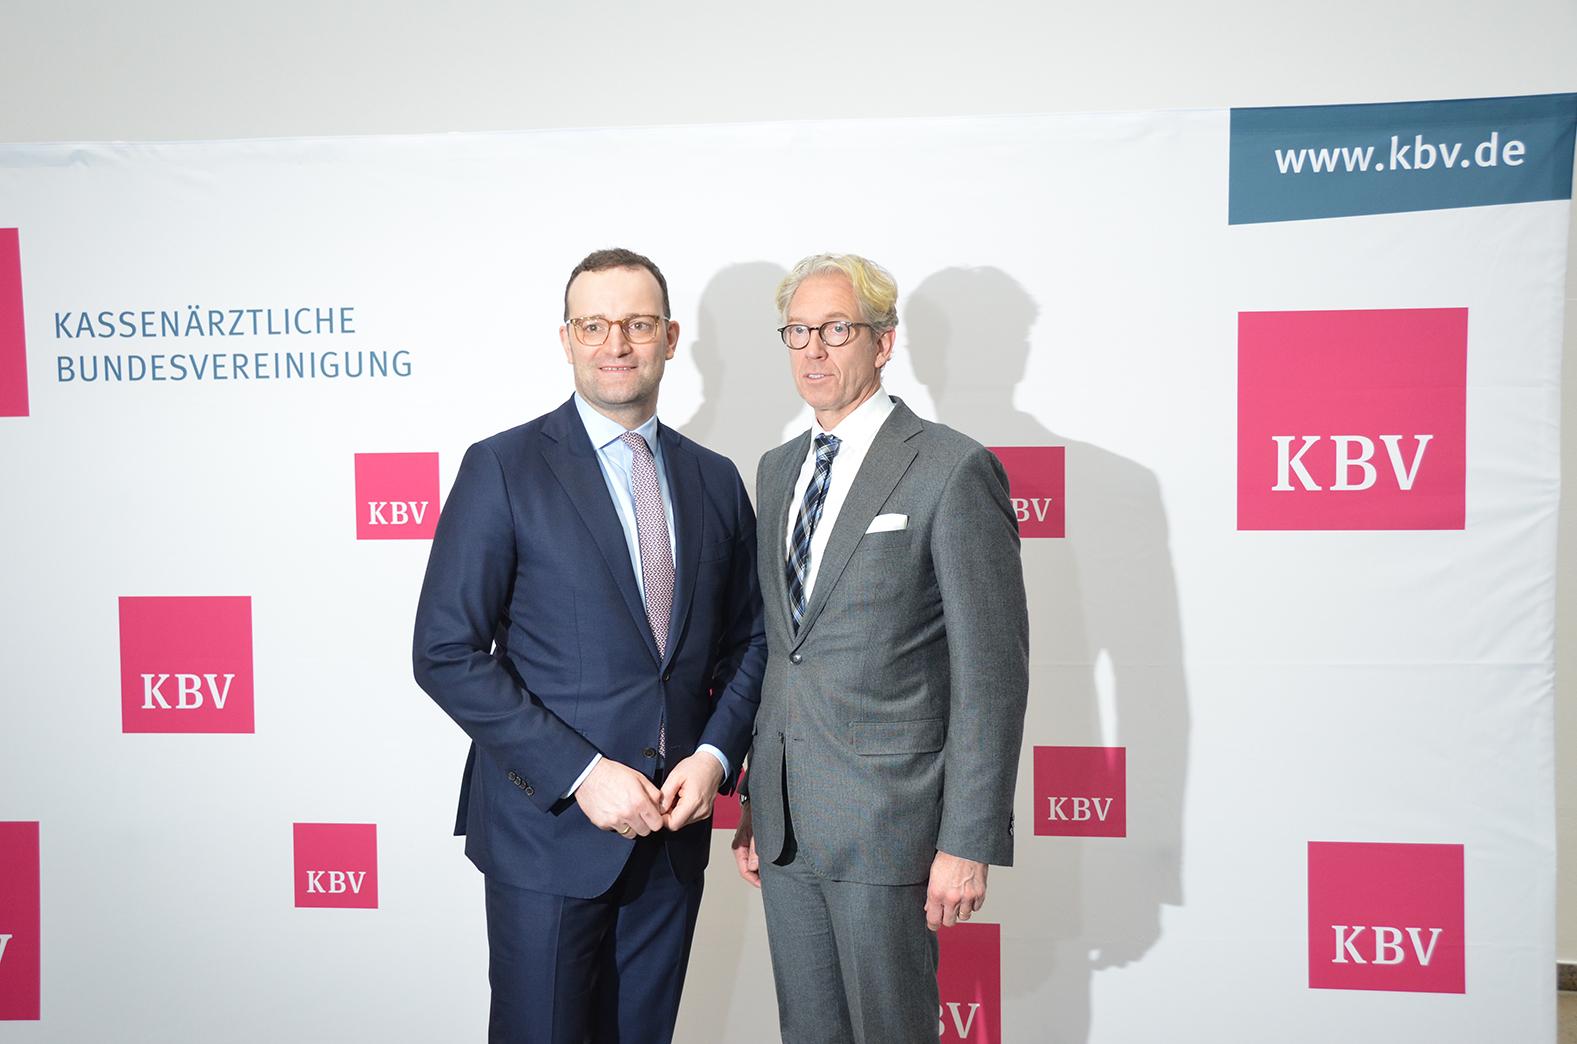 Bundesgesundheitsminister Jens Spahn und KBV-Vorstandsvorsitzender Dr. Andreas Gassen auf der Dialogveranstaltung. © KBV/Tabea Breidenbach